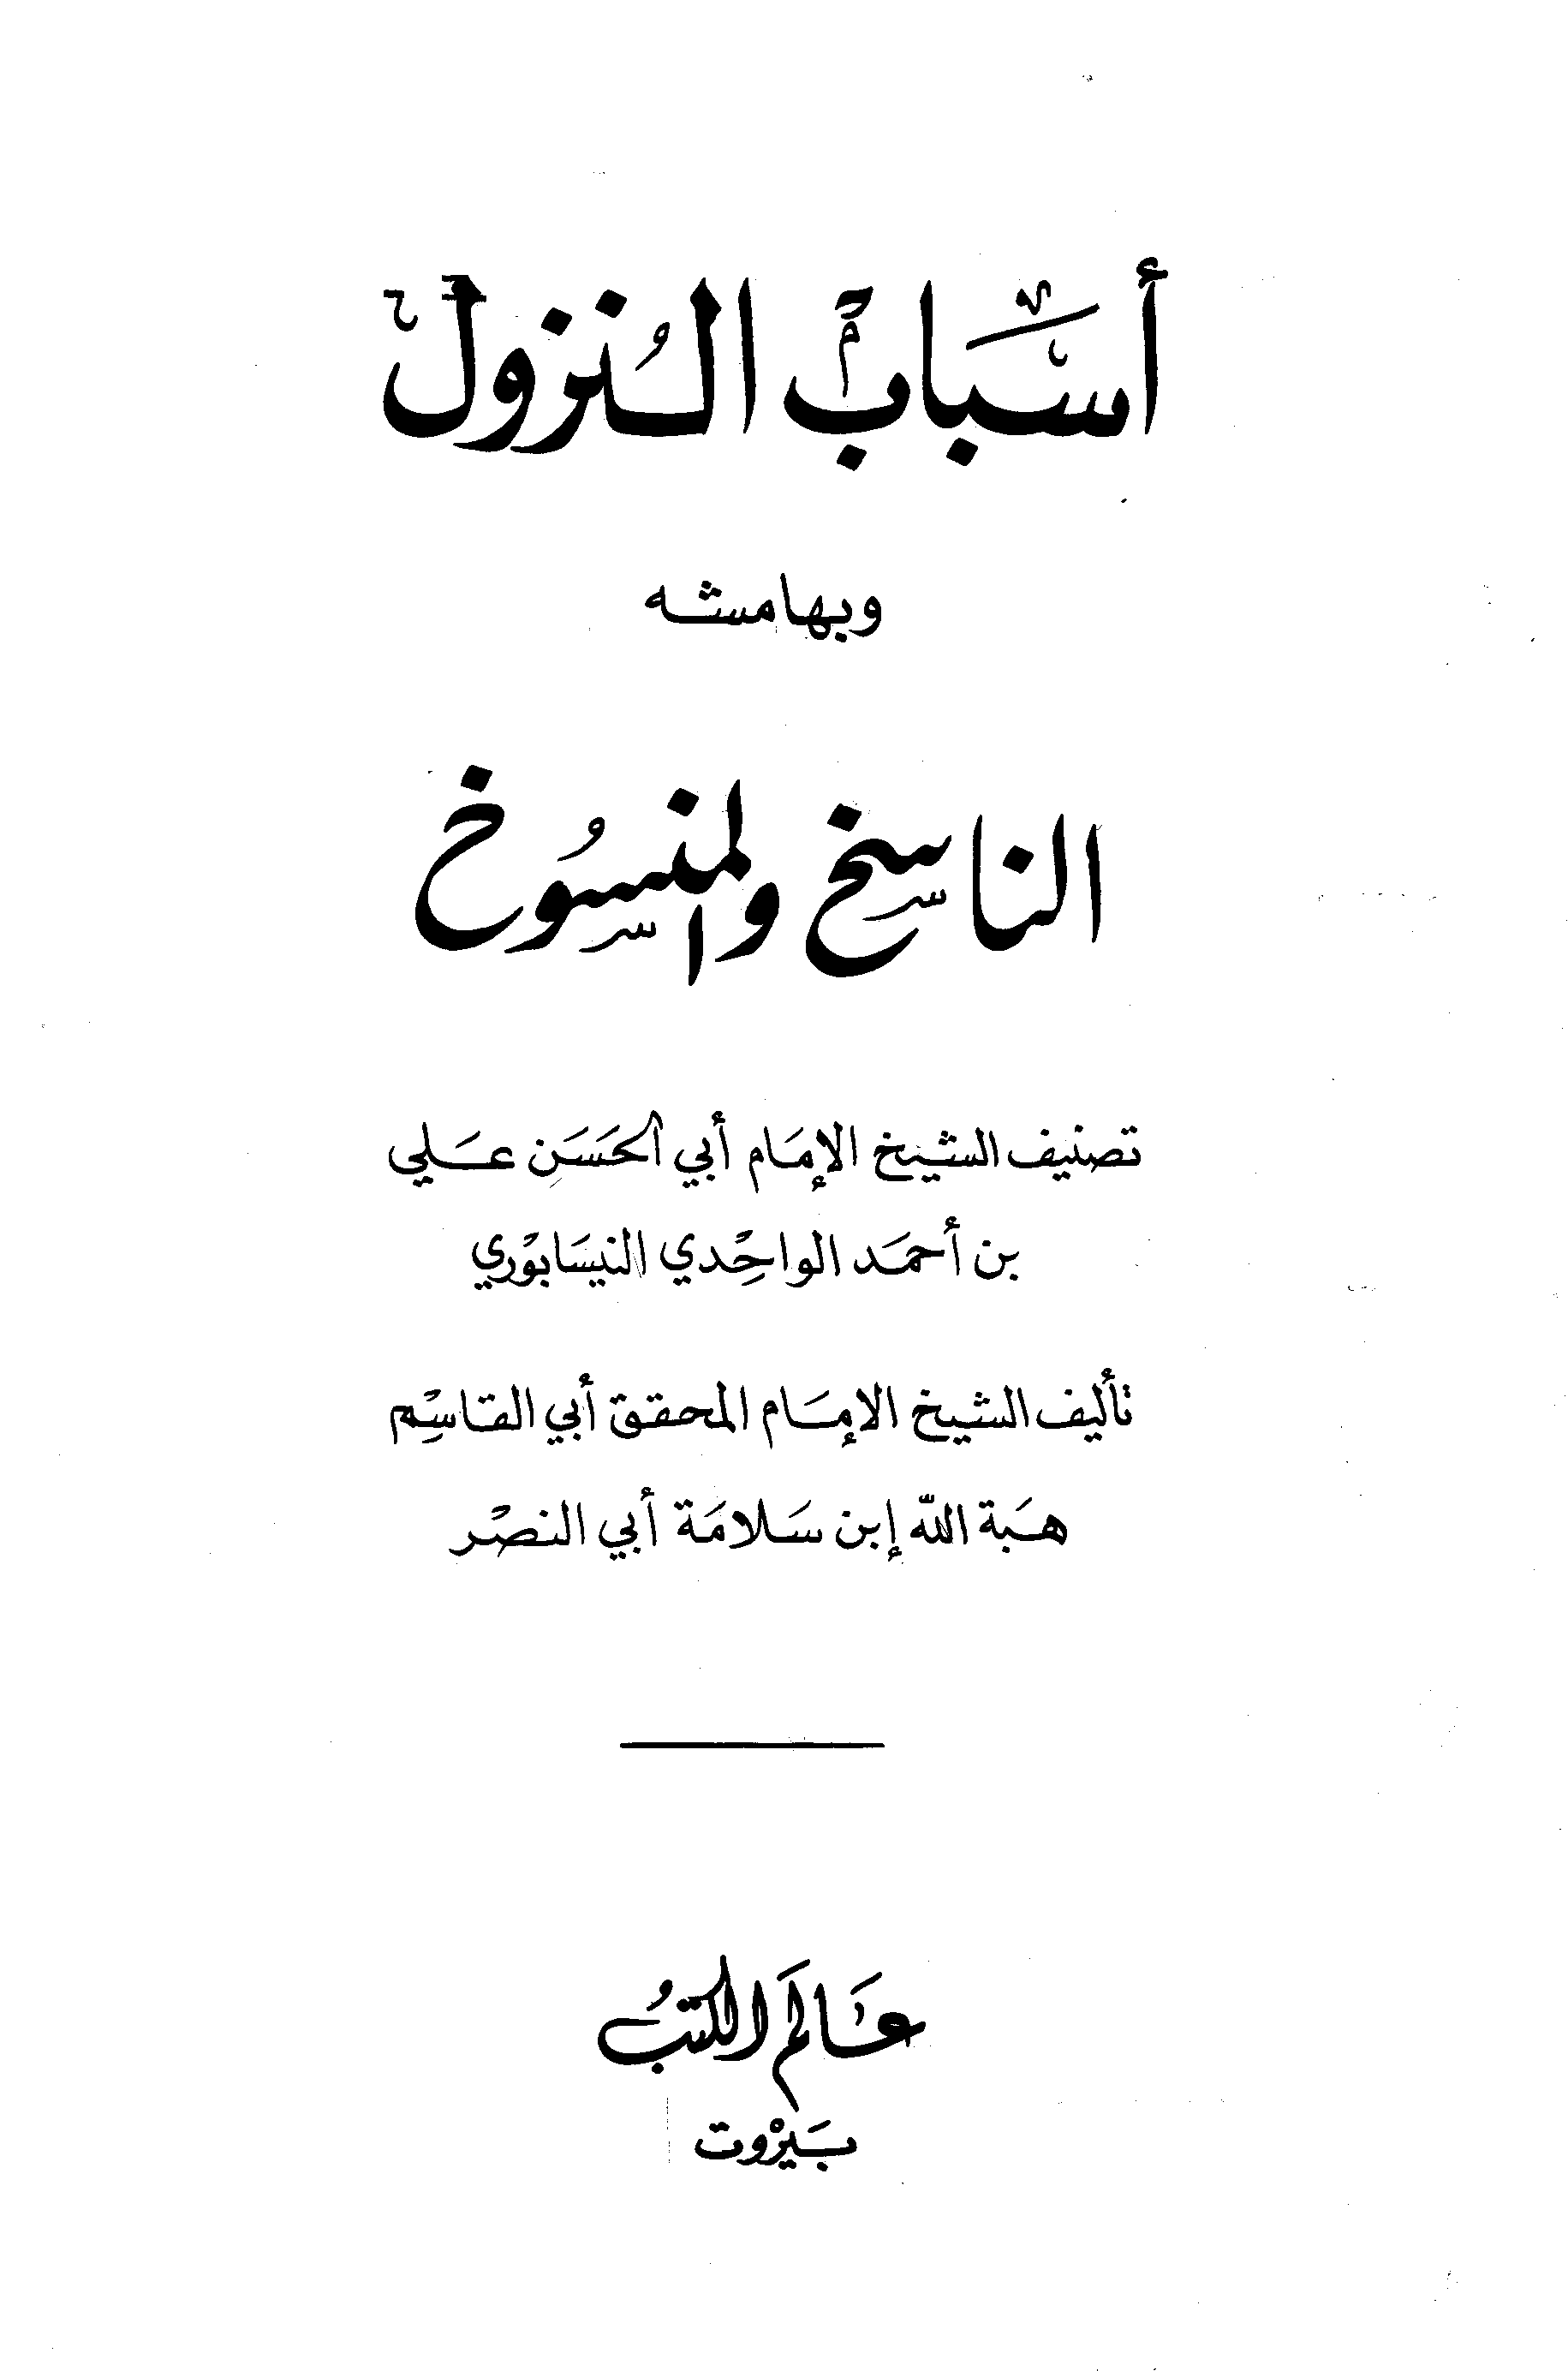 تحميل كتاب أسباب النزول وبهامشه الناسخ والمنسوخ لـِ: الإمام أبو الحسن علي بن أحمد بن محمد بن علي الواحدي (ت 468)